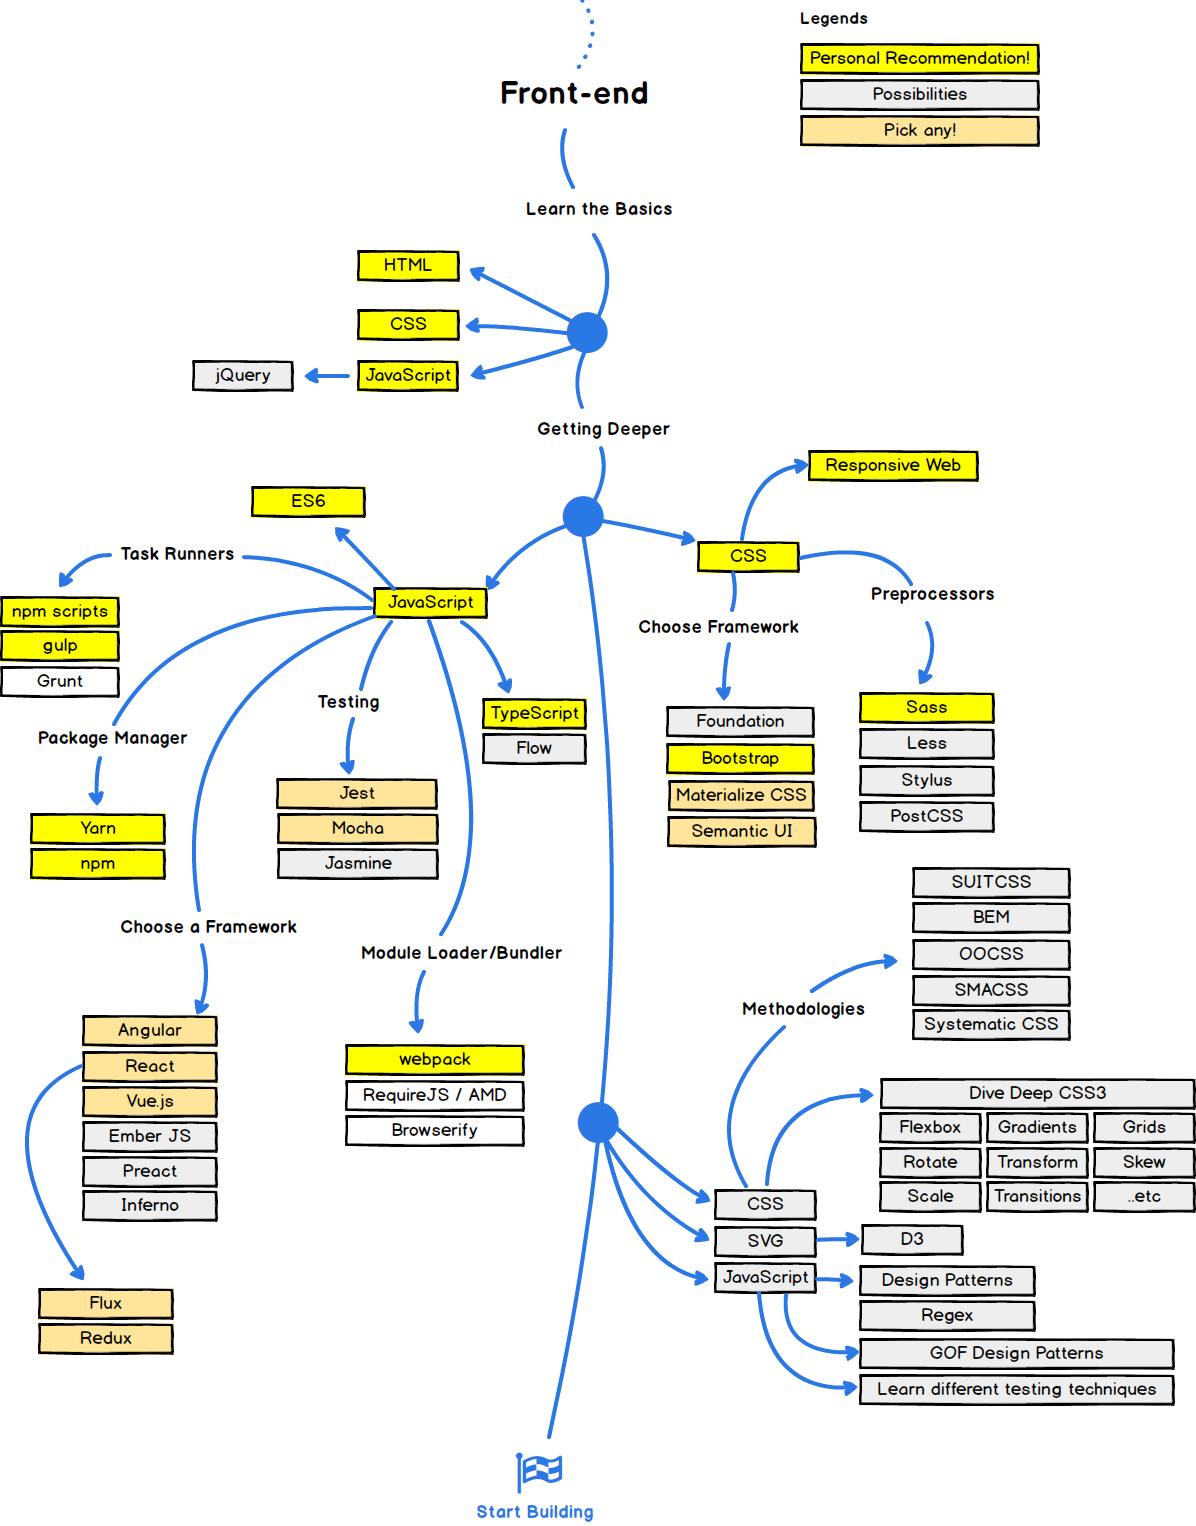 """""""front-end developer roadmap in 2017"""""""